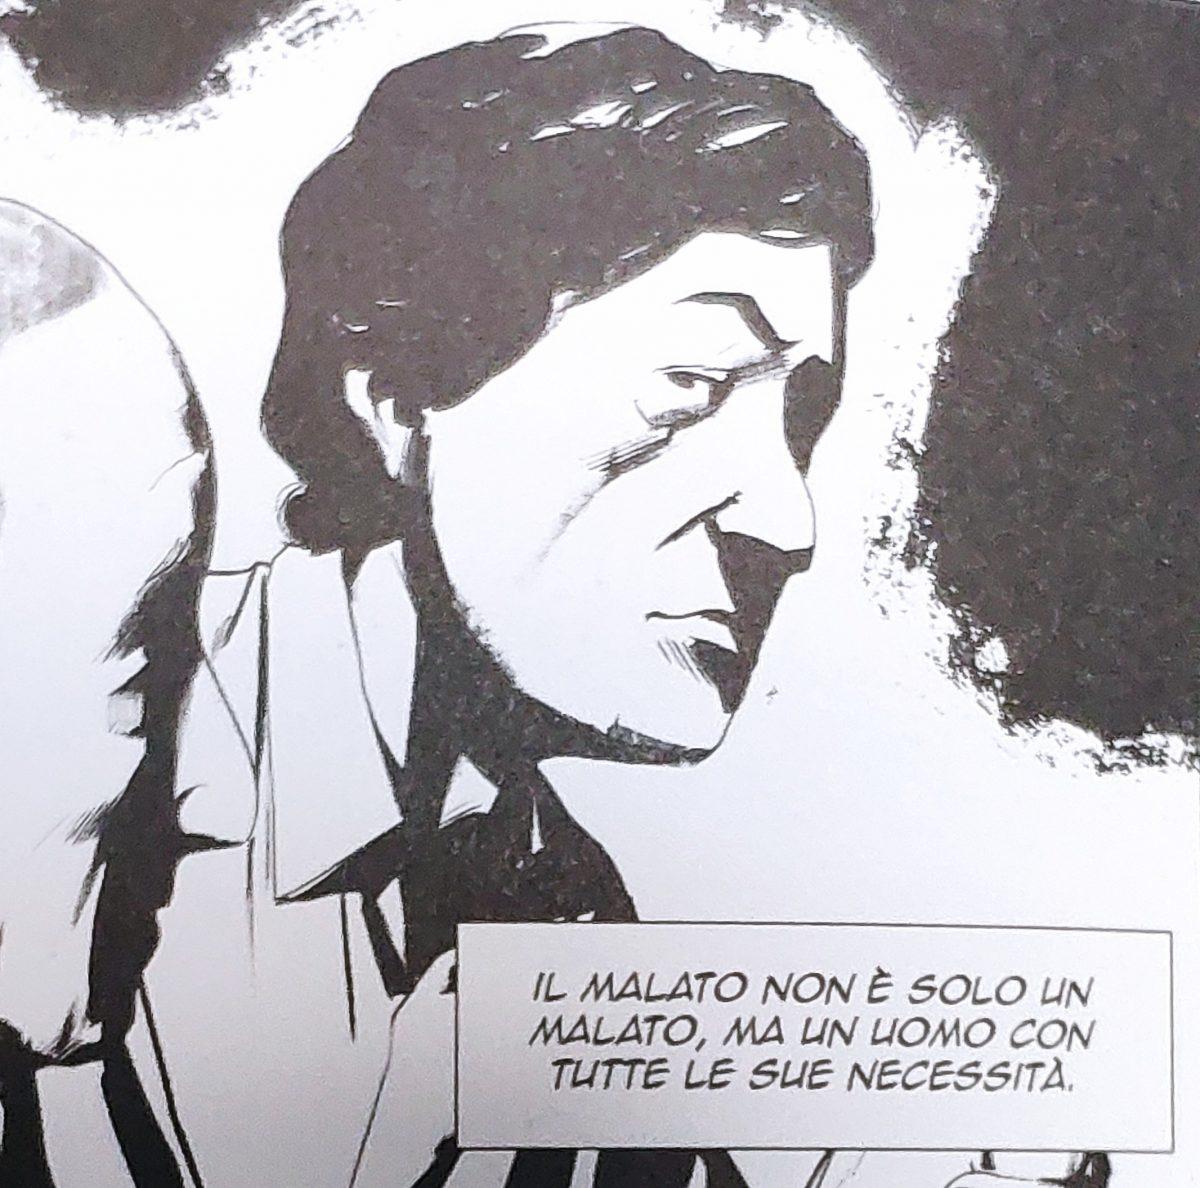 Mio caro fumetto... - Basaglia e la convinzione che il malato sia un uomo con tutte le sue necessità